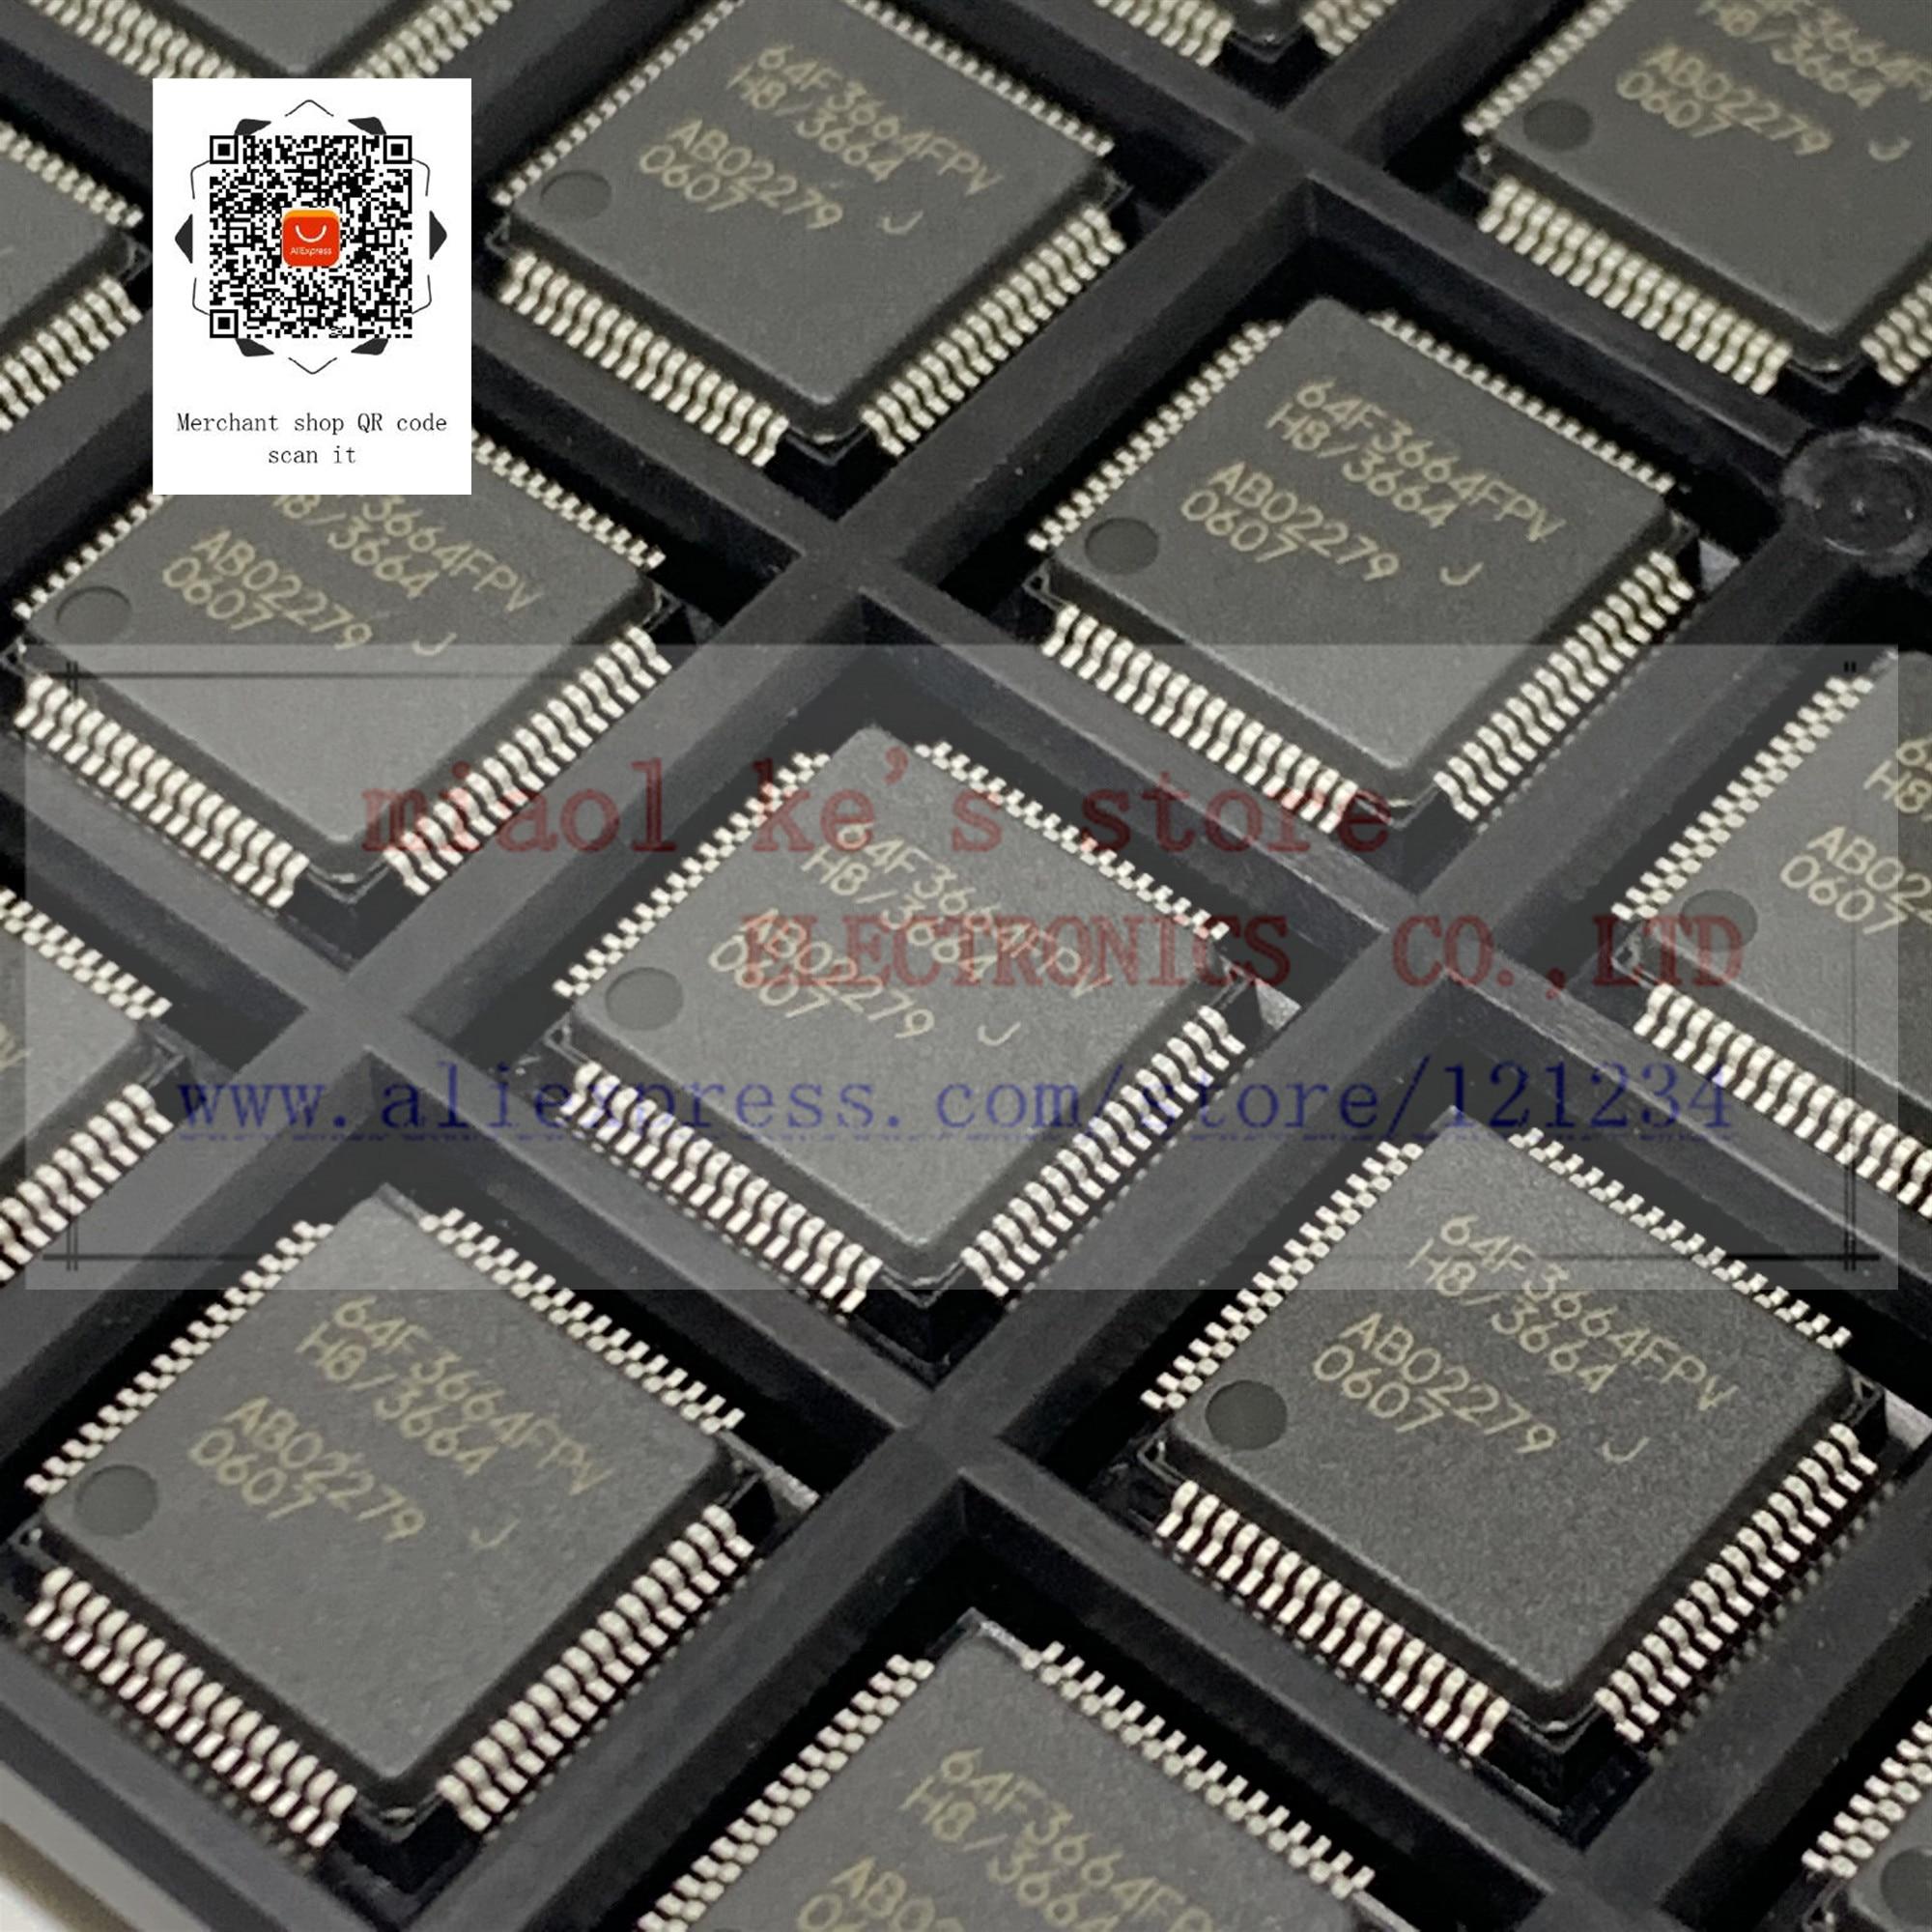 100%New original ; HD64F3664FPJV HD64F3664FPV 64F3664FPJV 64F3664FPV - H8/300H IC MCU 16BIT 16MHz 32KB(32K-x-8) FLASH 64LQFP100%New original ; HD64F3664FPJV HD64F3664FPV 64F3664FPJV 64F3664FPV - H8/300H IC MCU 16BIT 16MHz 32KB(32K-x-8) FLASH 64LQFP